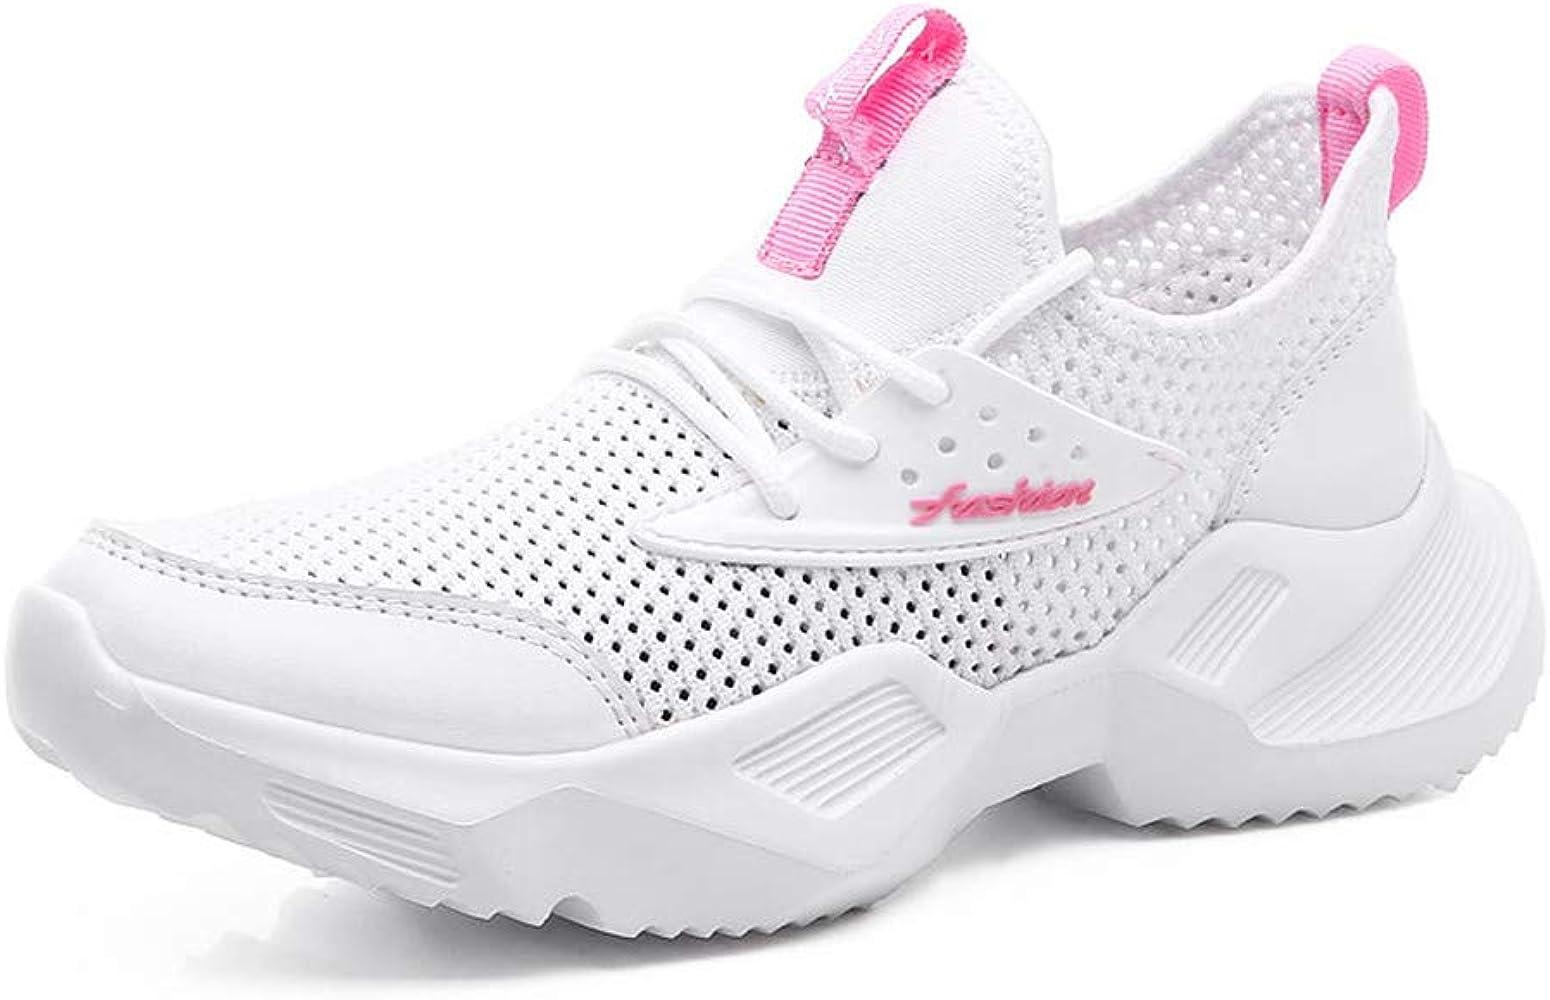 ZARLLE Zapatillas De Deporte Zapatos Respirado Ligero Moda Malla ...